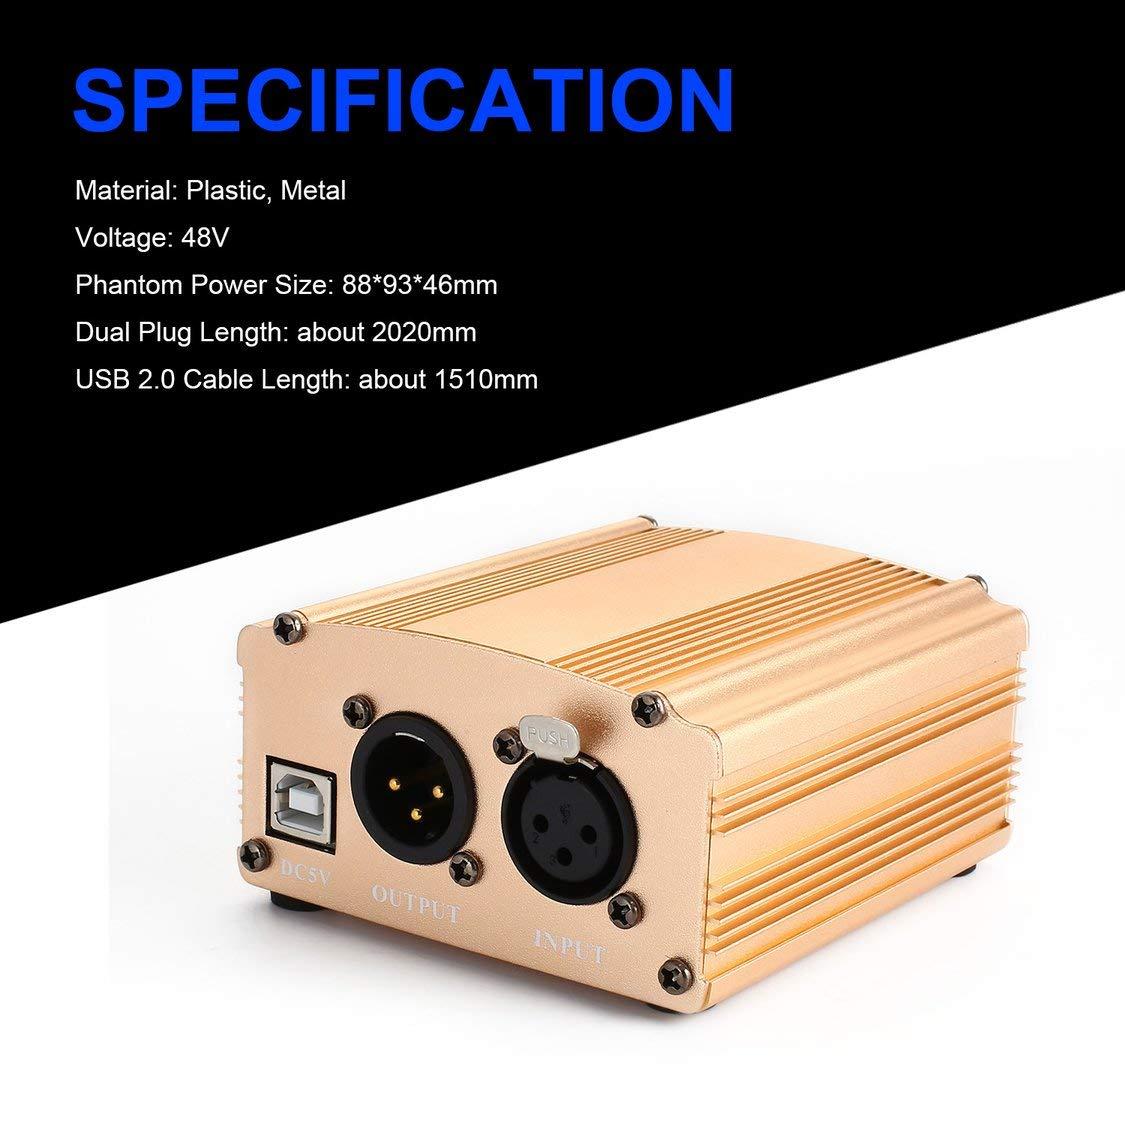 Amazon.com: 48 V USB Phantom fuente de alimentación USB 2.0 ...